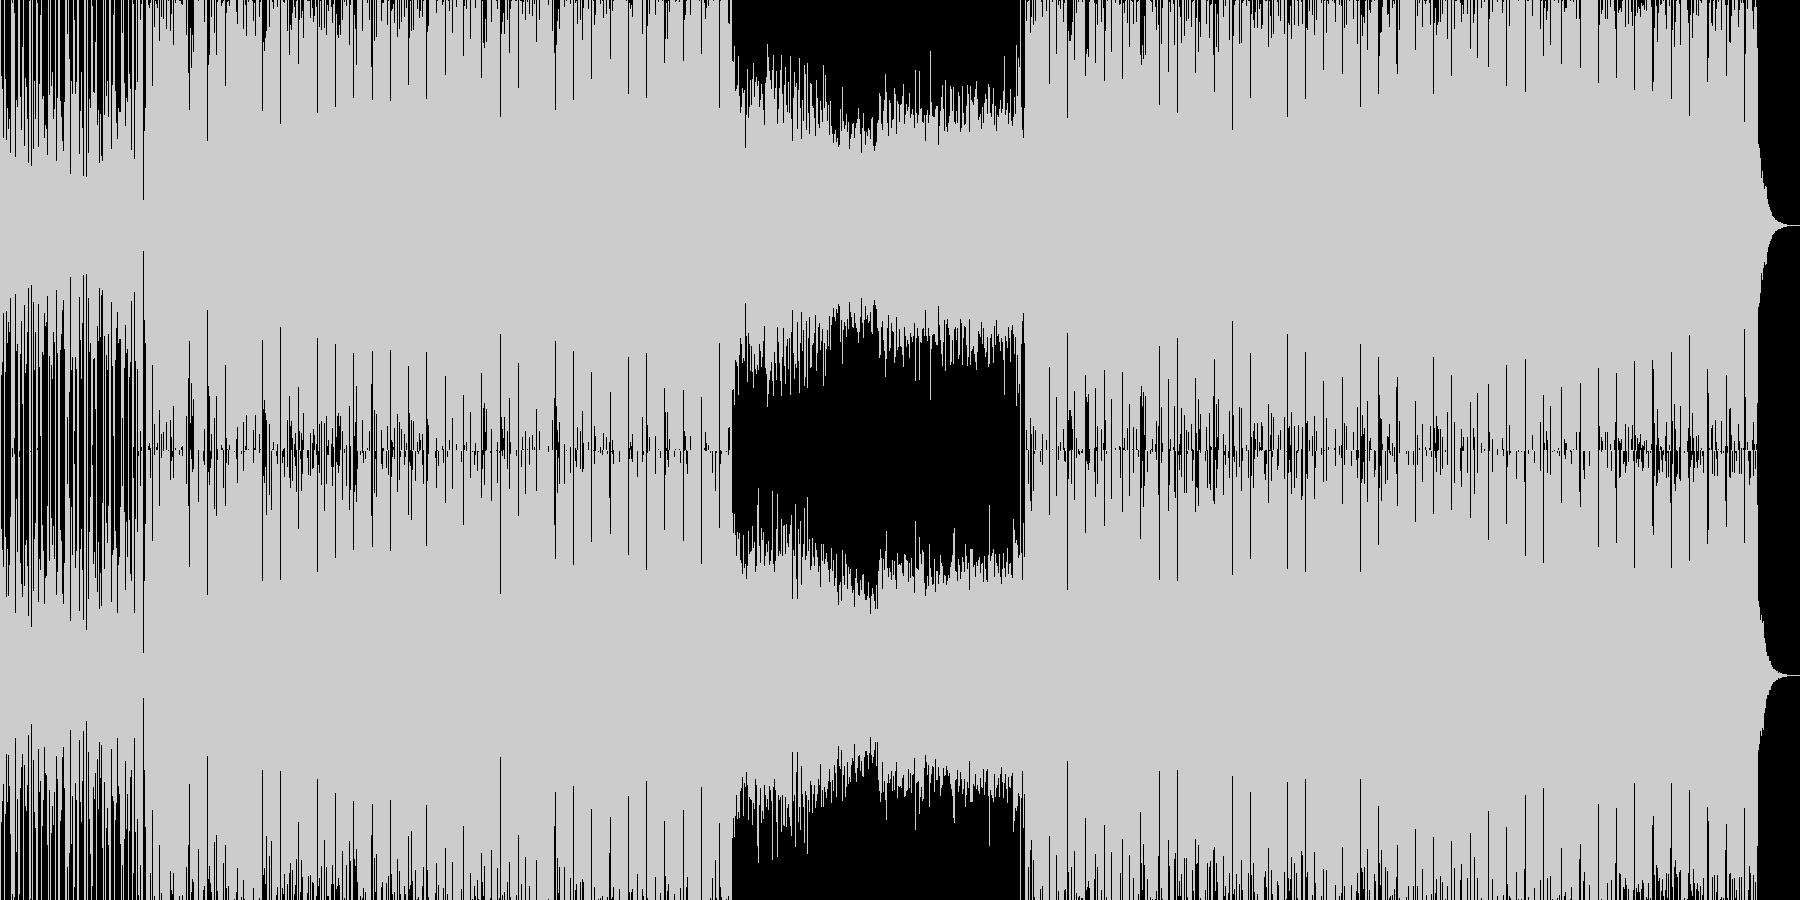 切なくて広がりのあるエレクトロニカ。の未再生の波形